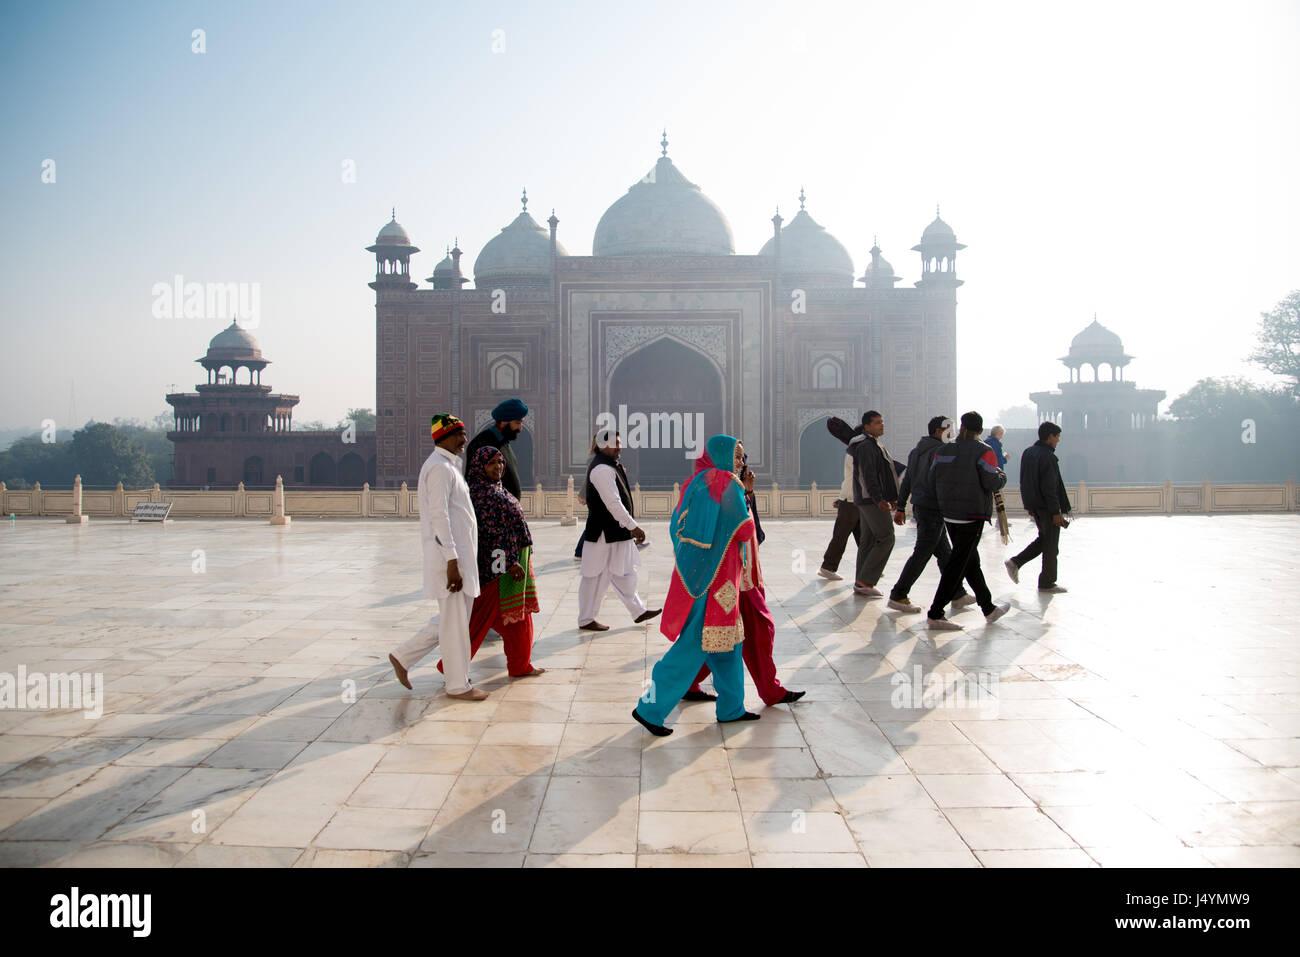 Grupo de turistas en ropa de colores en el complejo de Taj Mahal en Agra, India Imagen De Stock